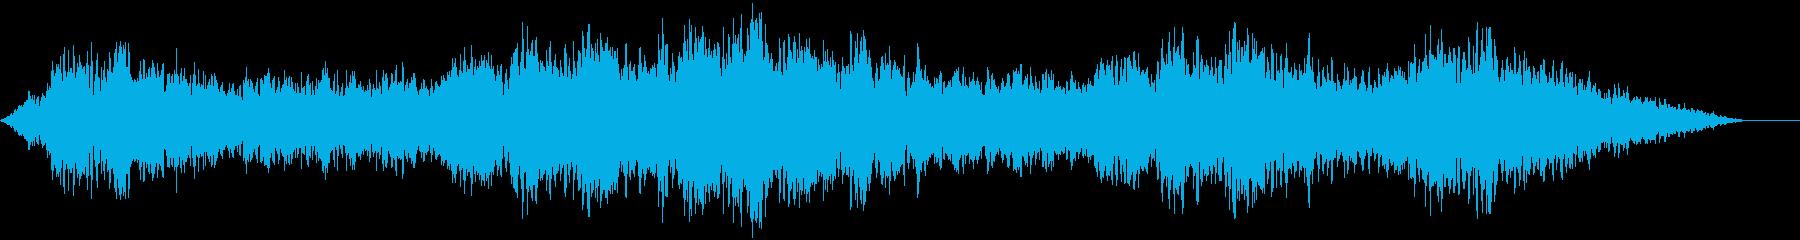 深みのある低音ボーカル背景、深みの...の再生済みの波形